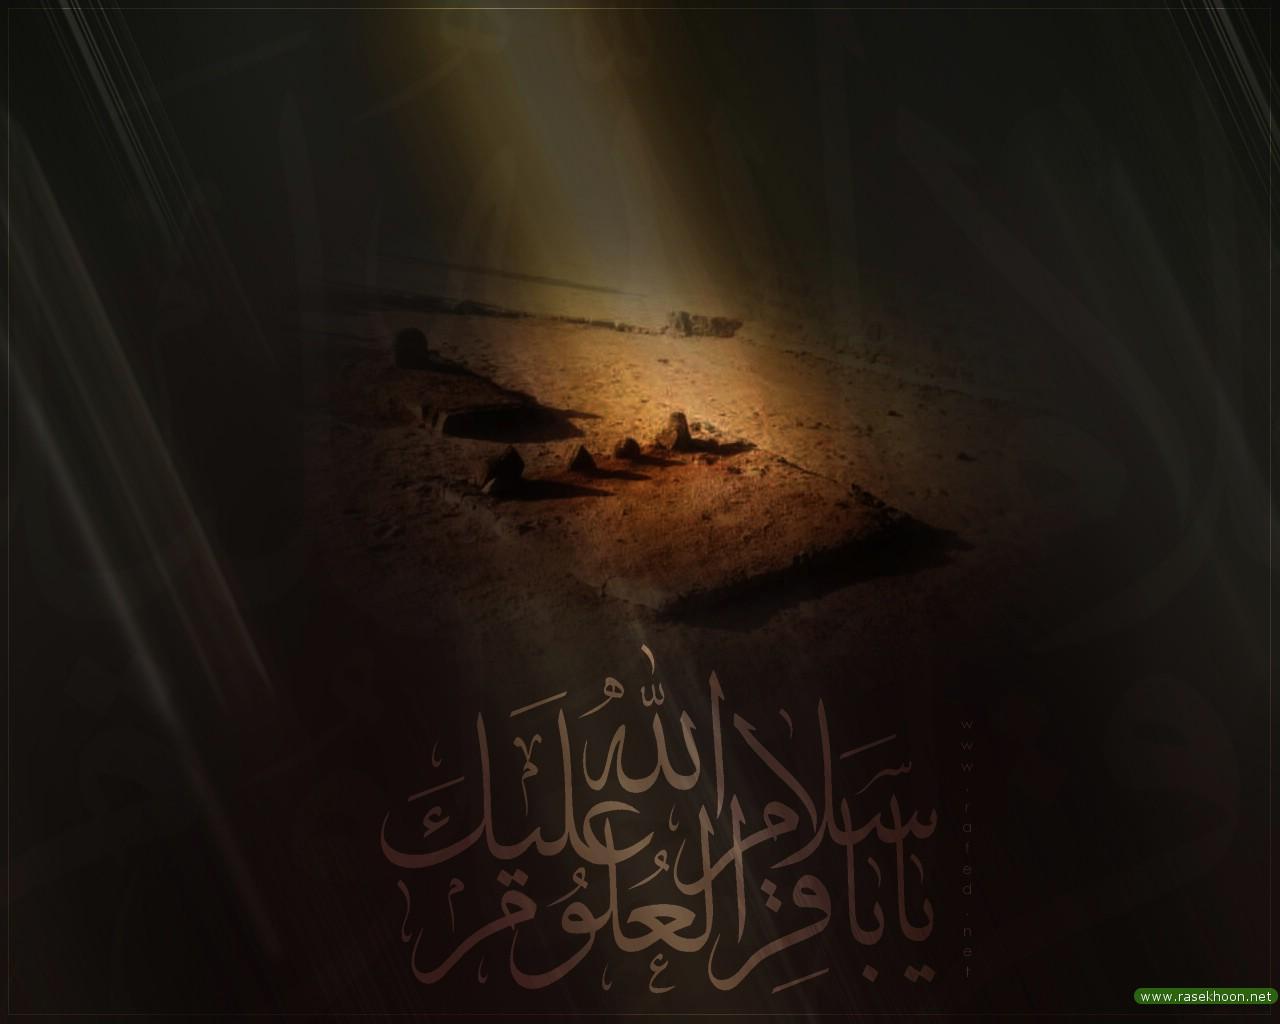 ::๑۩๑:: آلبوم تصویری شهادت امام محمد باقر (ع) ::๑۩๑::